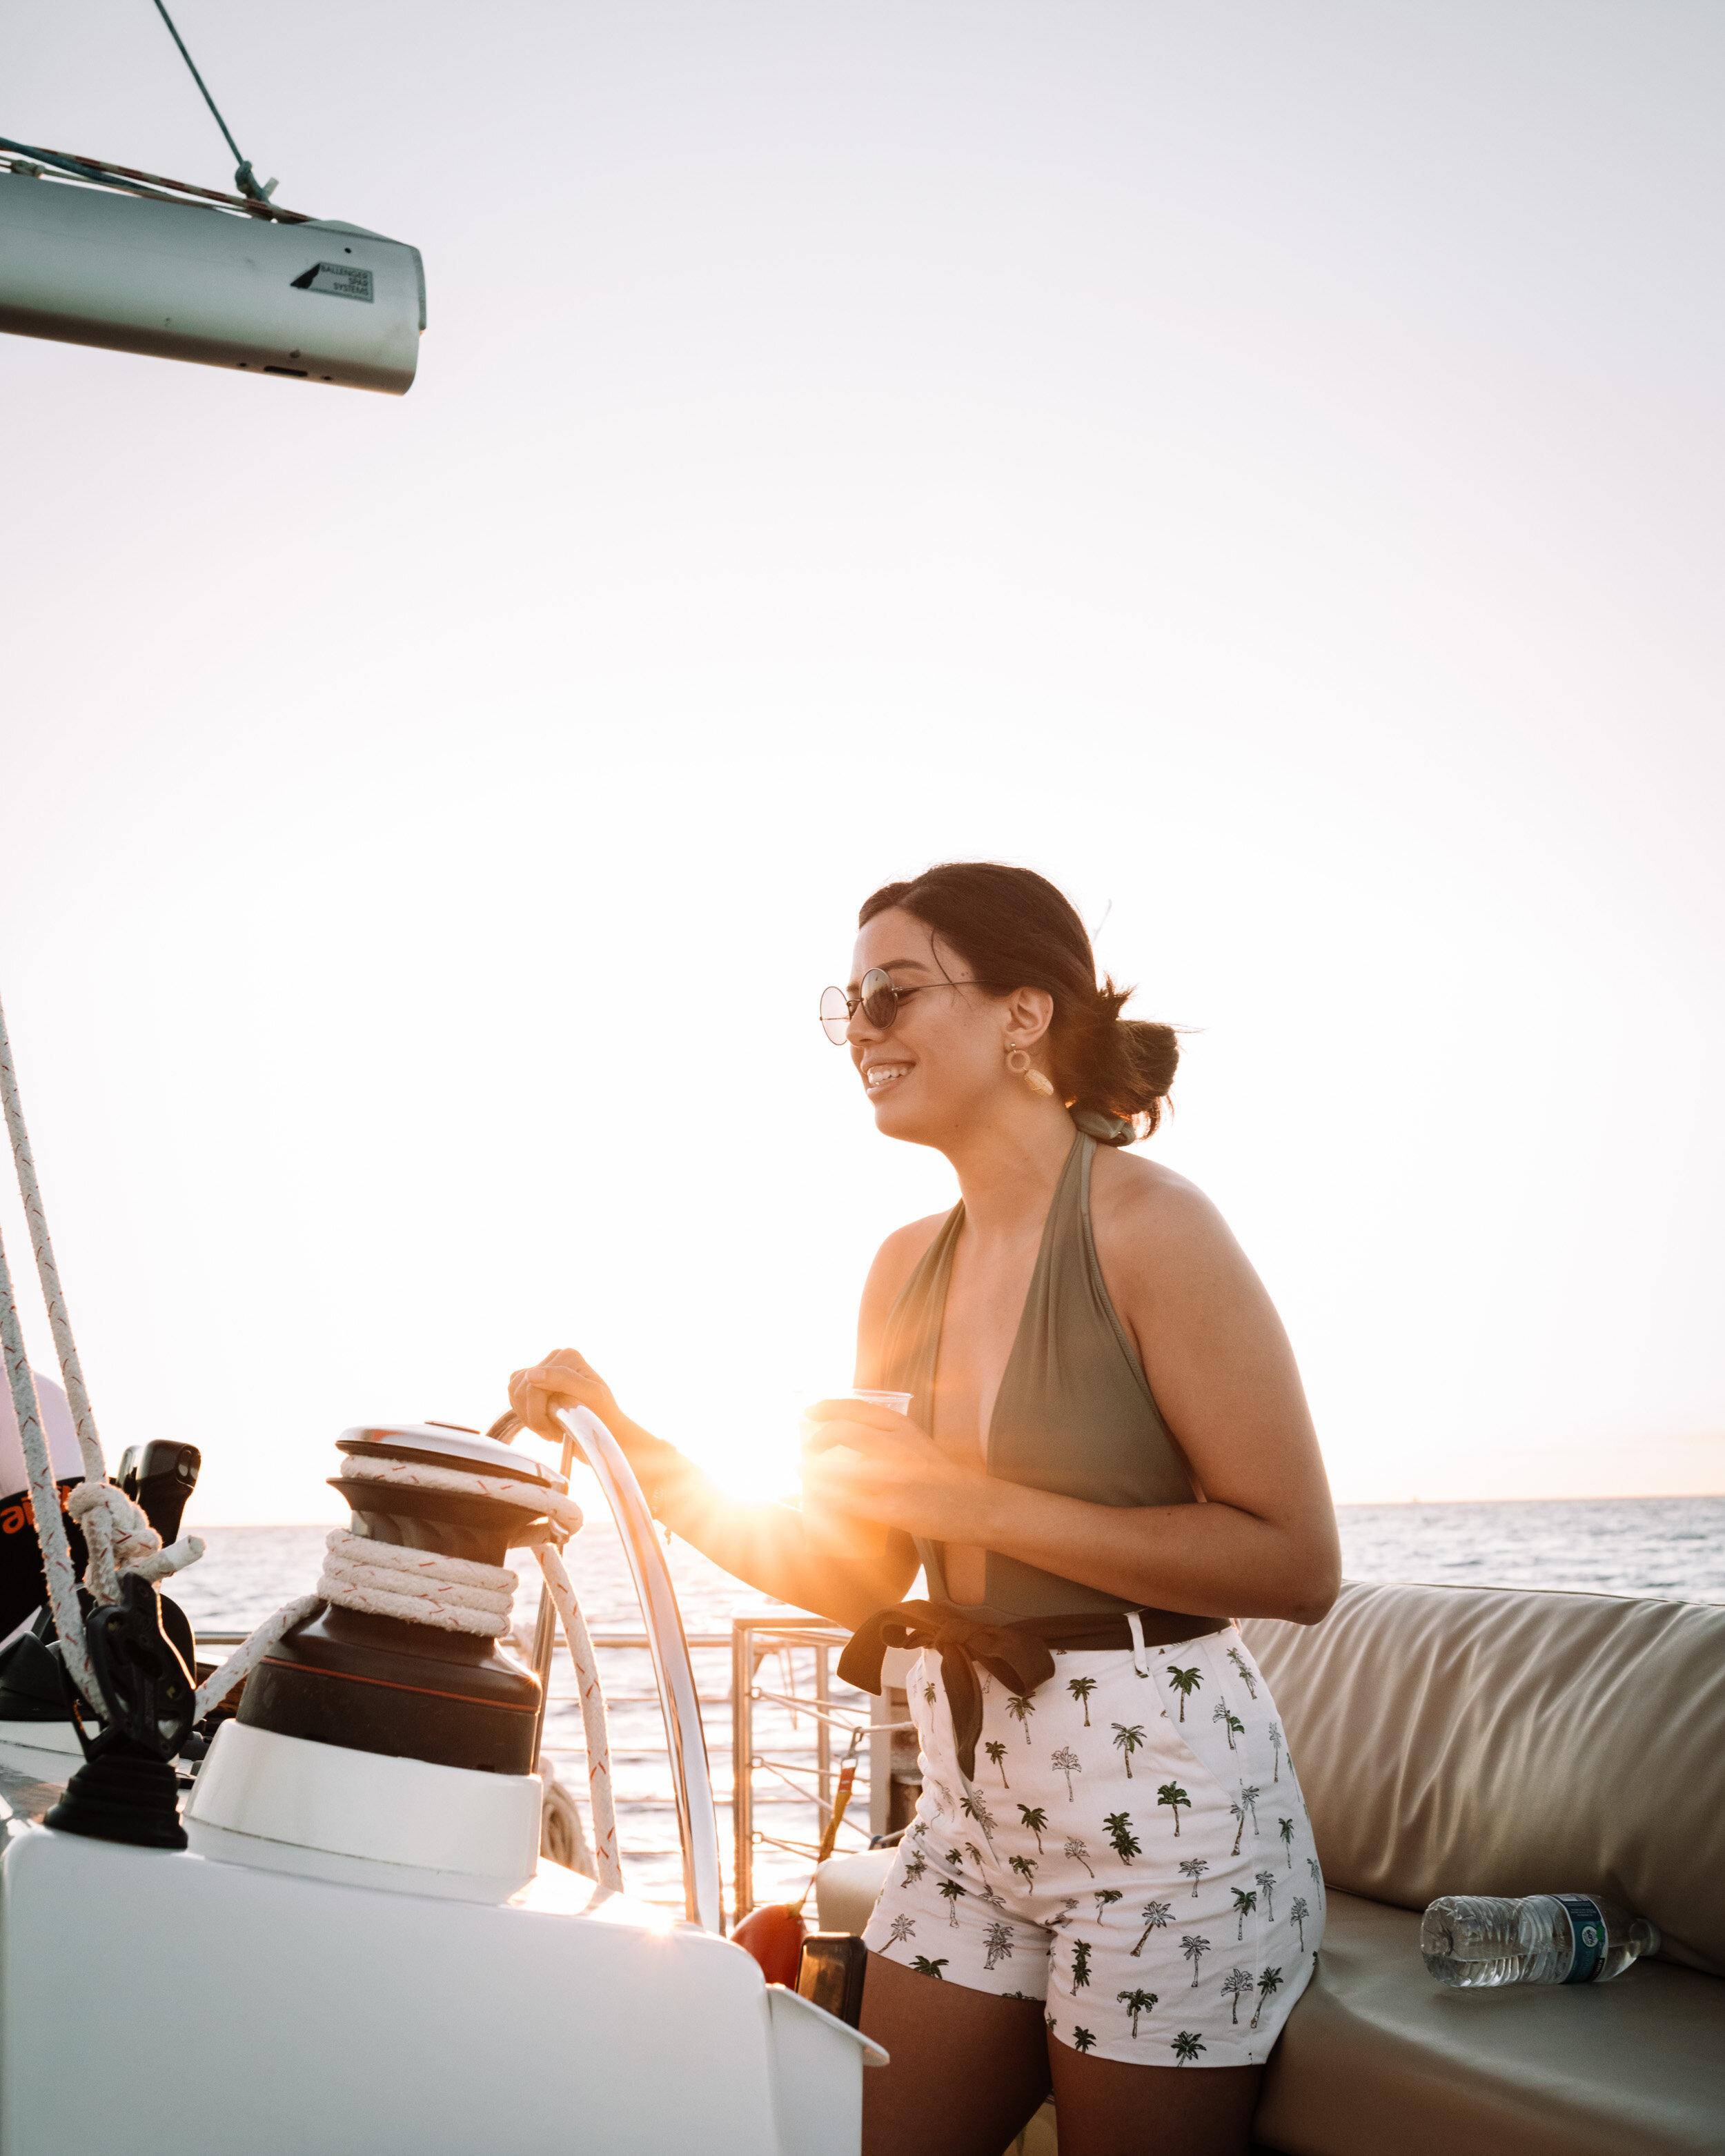 Rachel Off Duty: Woman on a Boat